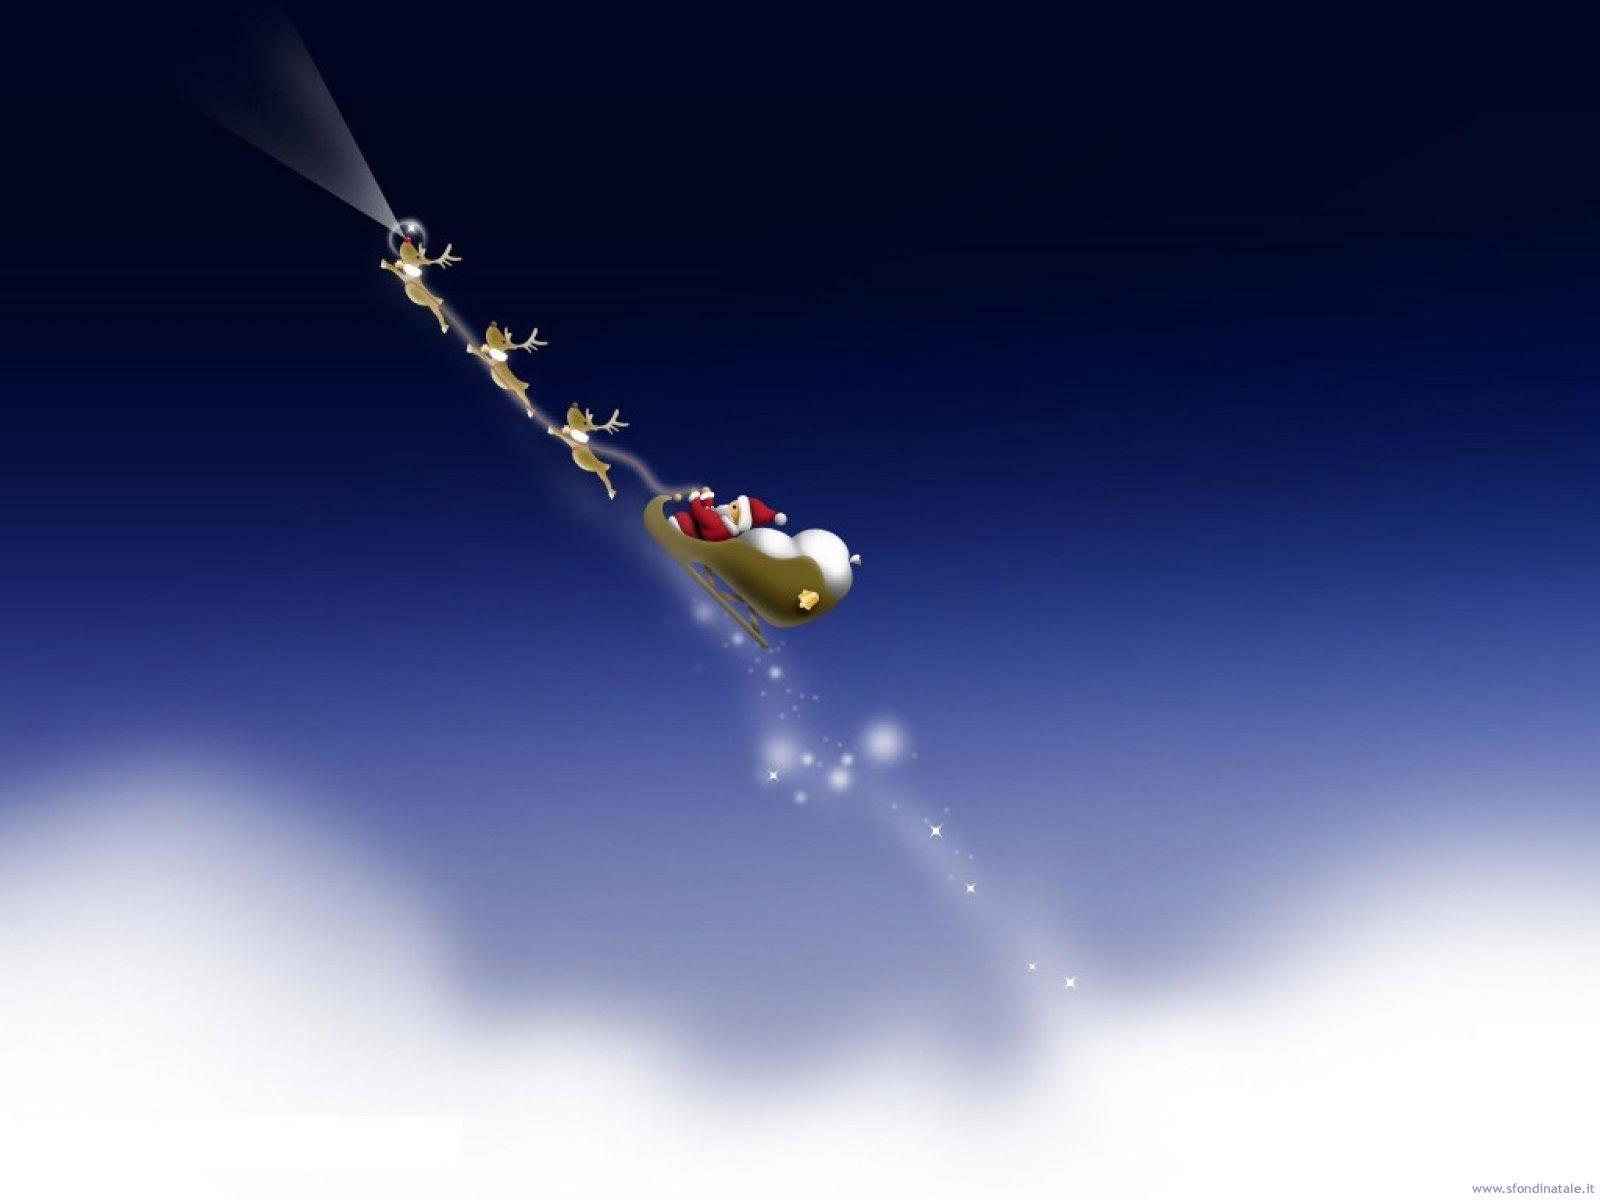 Sfondi Natale - Sfondo Babbo Natale con slitta